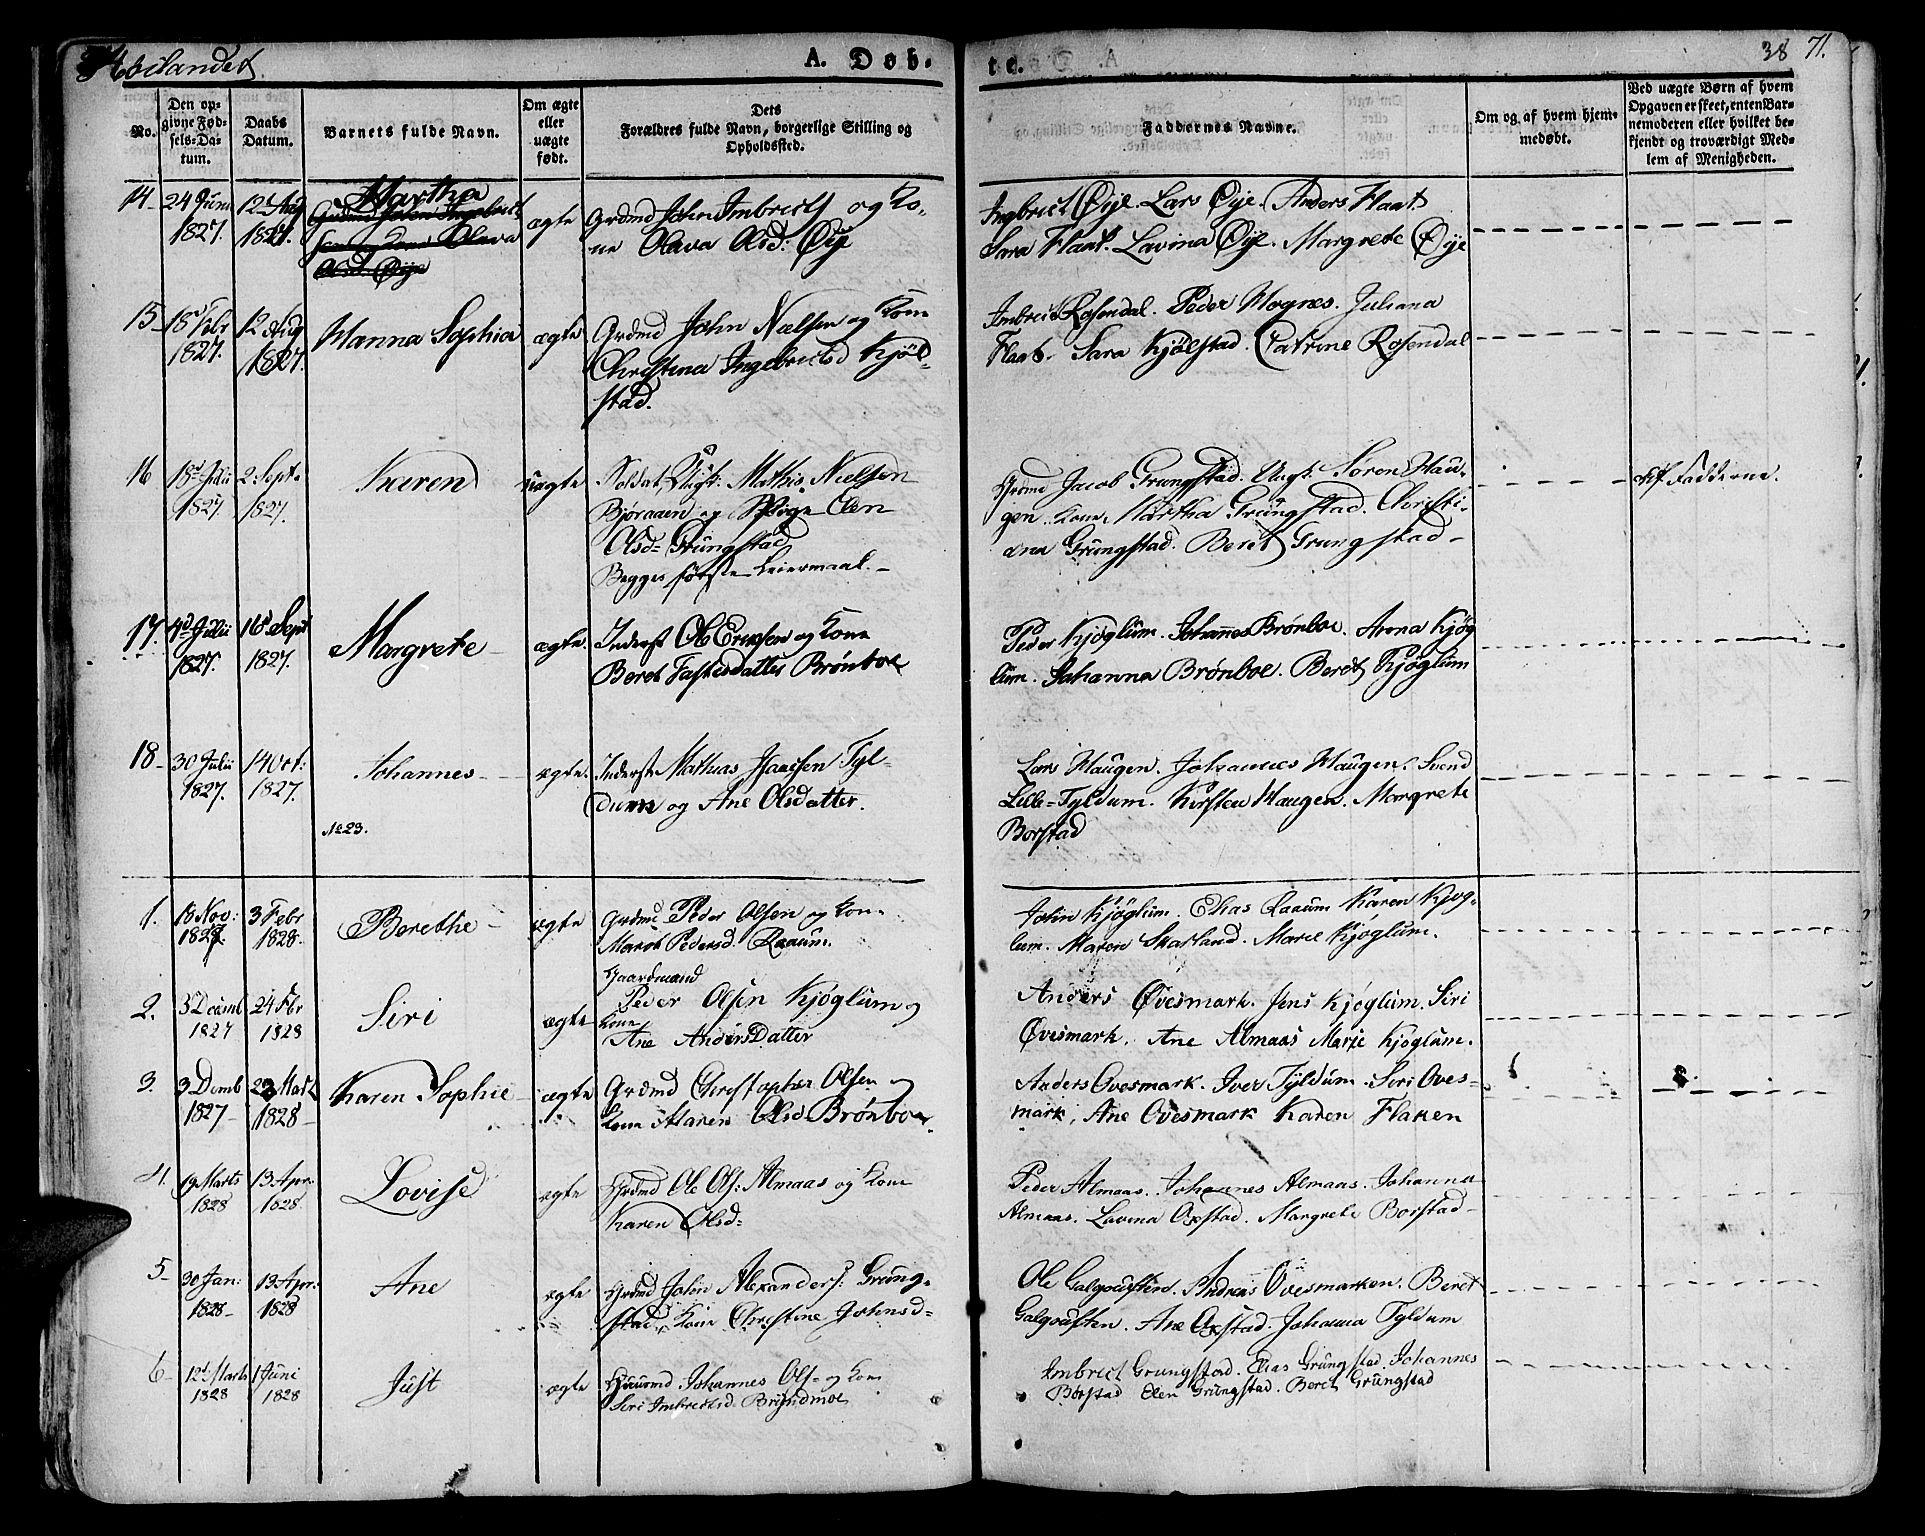 SAT, Ministerialprotokoller, klokkerbøker og fødselsregistre - Nord-Trøndelag, 758/L0510: Ministerialbok nr. 758A01 /2, 1821-1841, s. 38